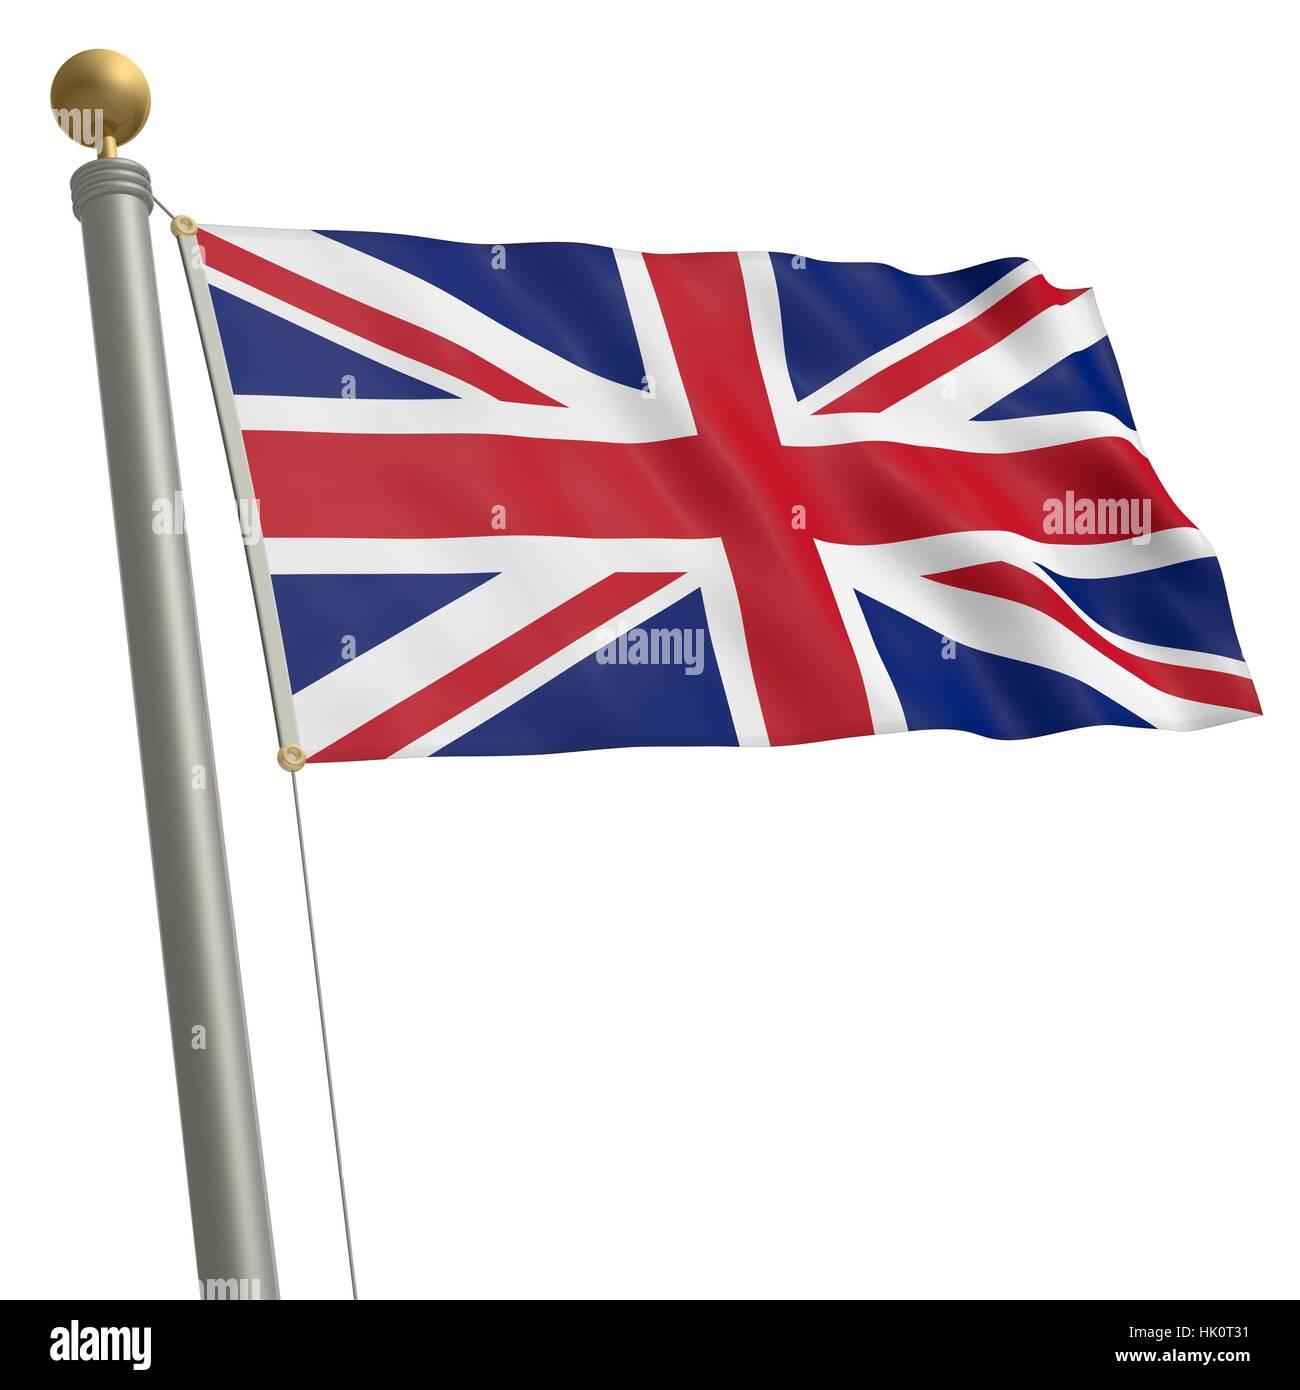 flag, kingdom, unites, britain, isolated, optional, europe, flag, blow, mast, - Stock Image